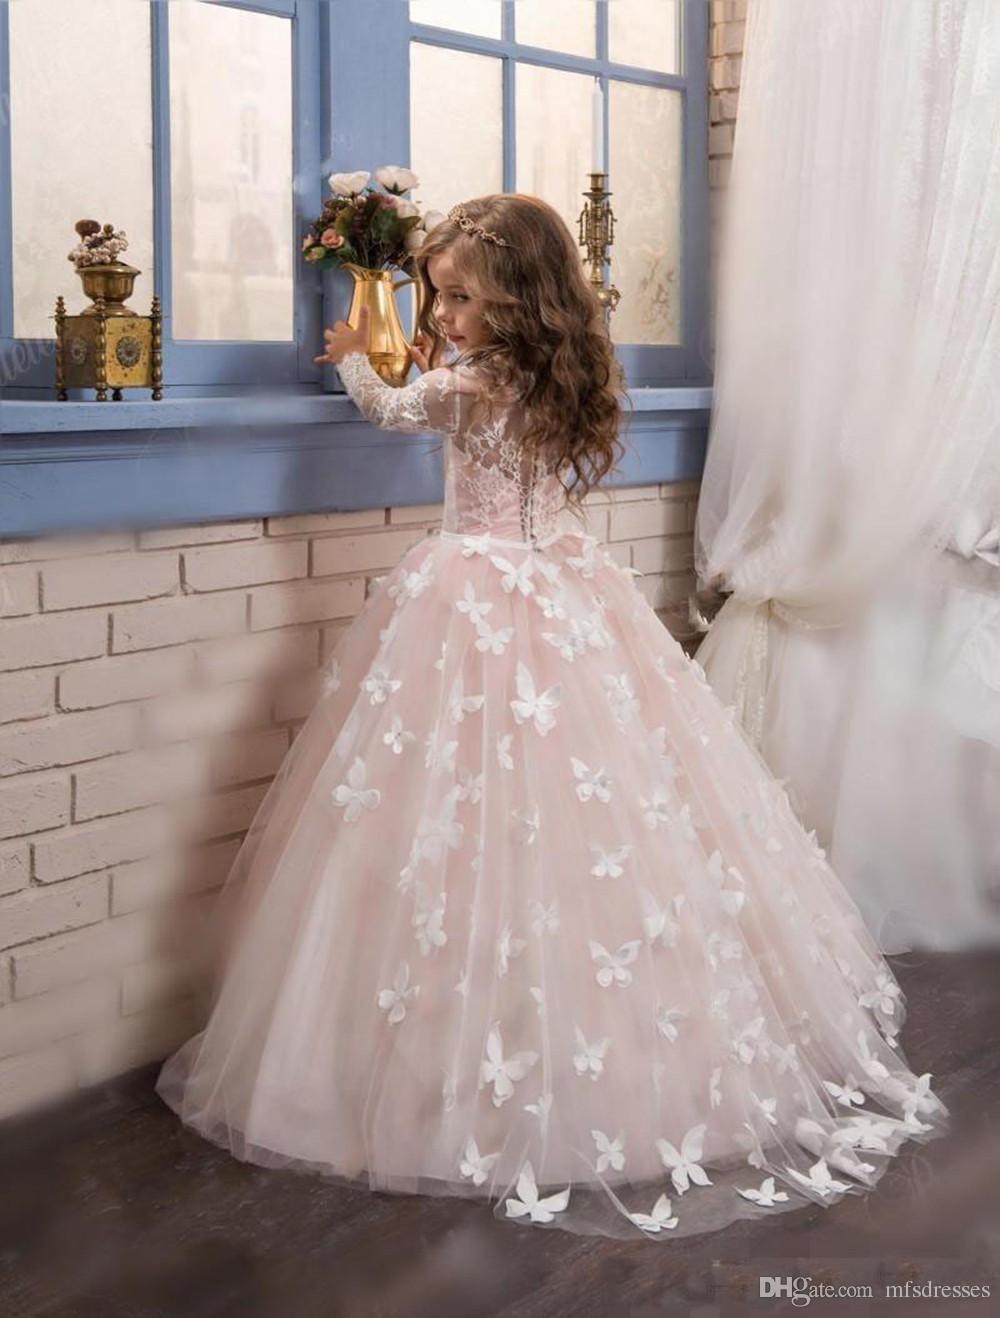 2017 nueva princesa de color rosa caliente de manga larga vestido de bola vestido de la muchacha de flores barrido del tren de las niñas primera comunión vestido de encaje de boda de las muchachas